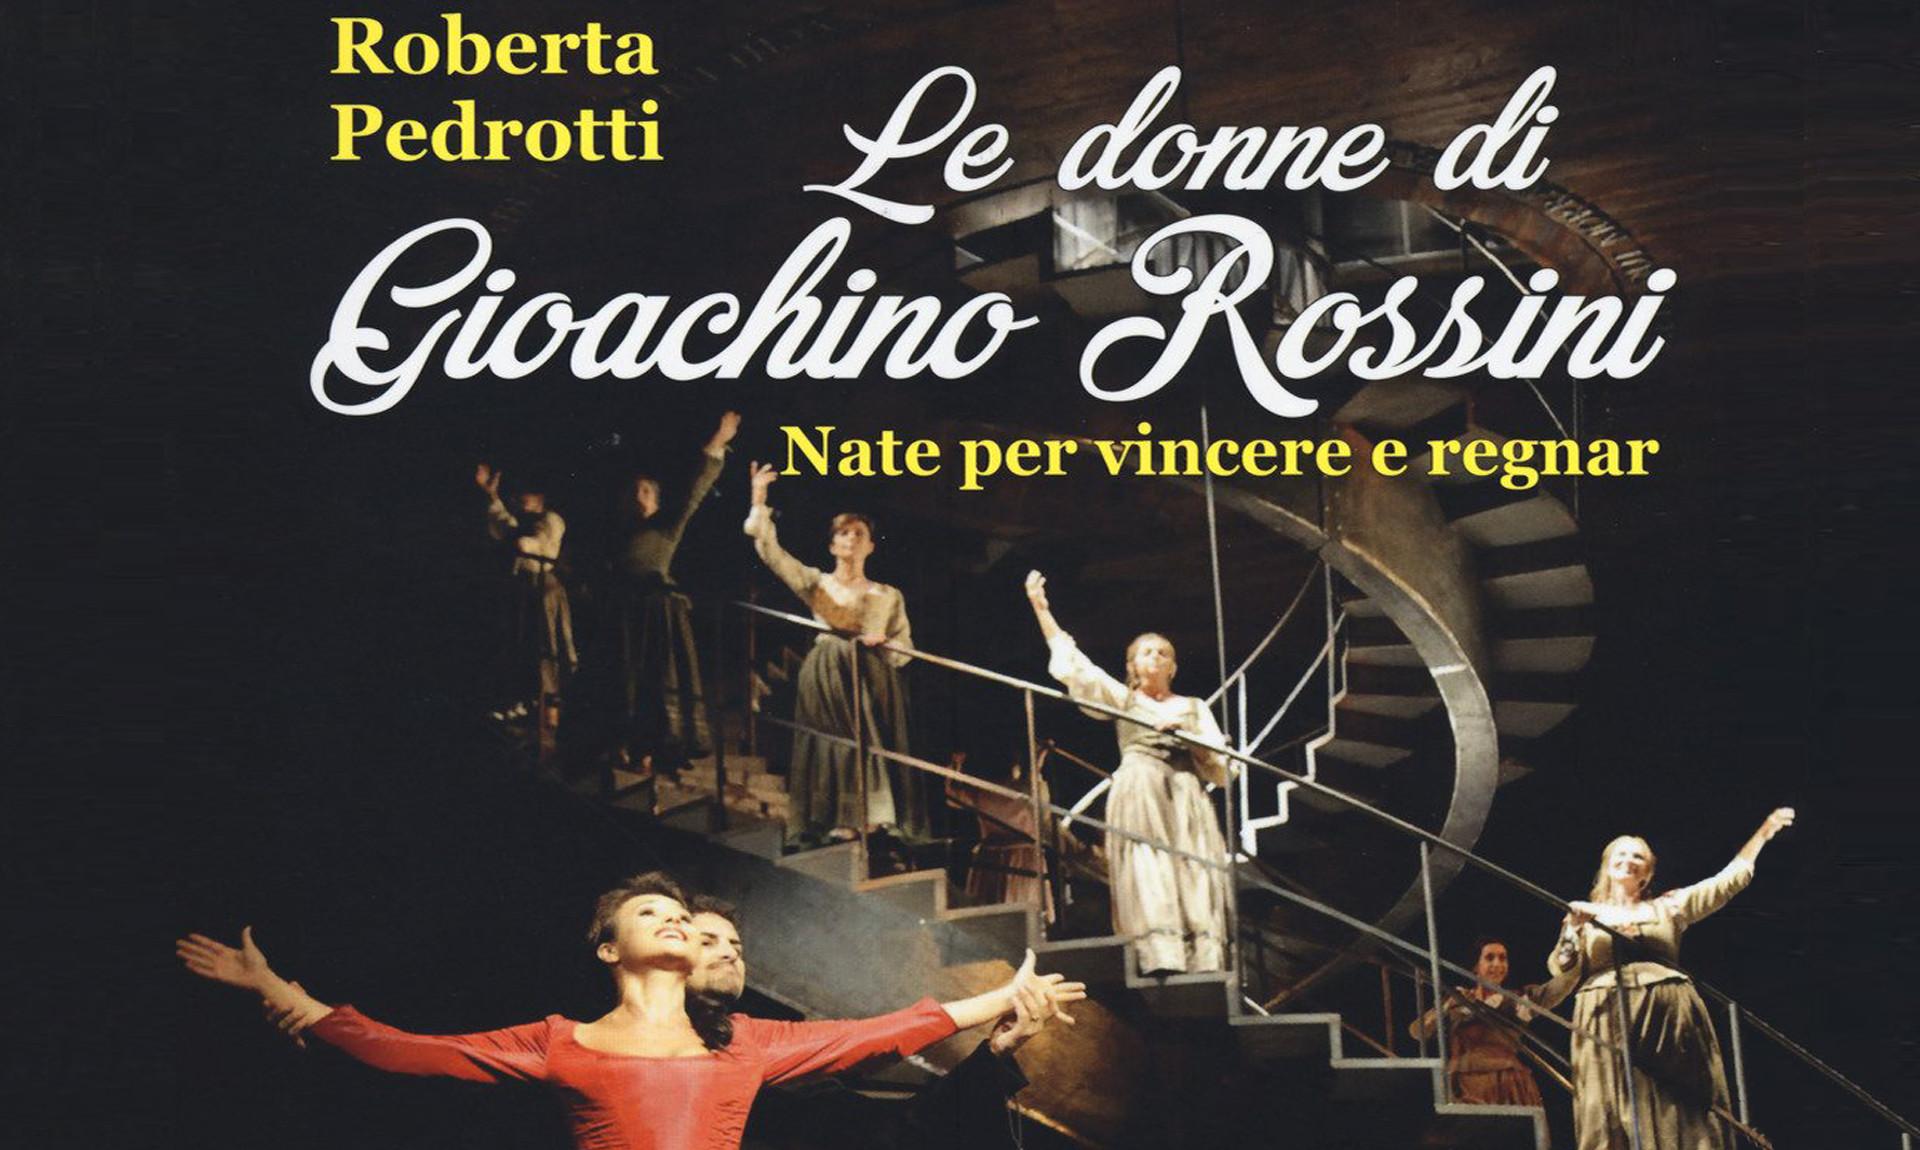 Le donne di Gioachino Rossini Presentazione del libro di Roberta Pedrotti